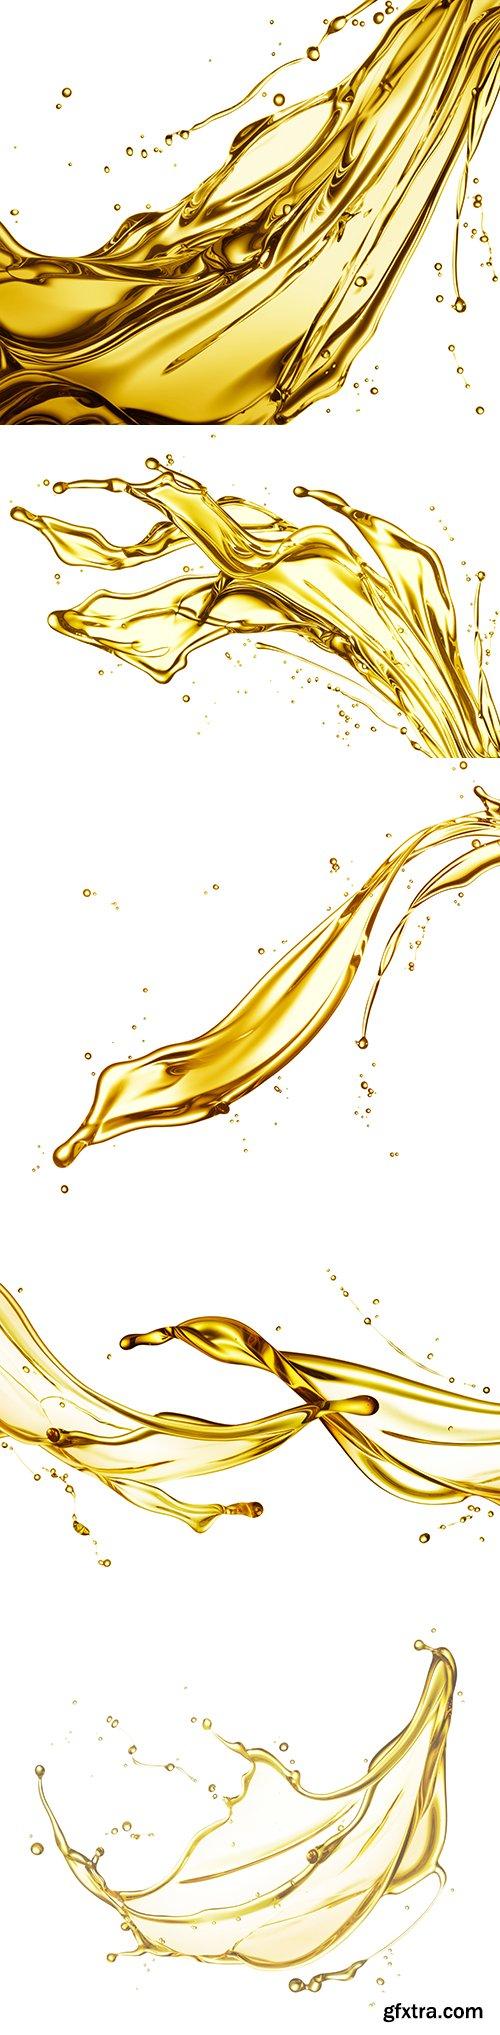 Oil Splash Isolated - 11xJPGs